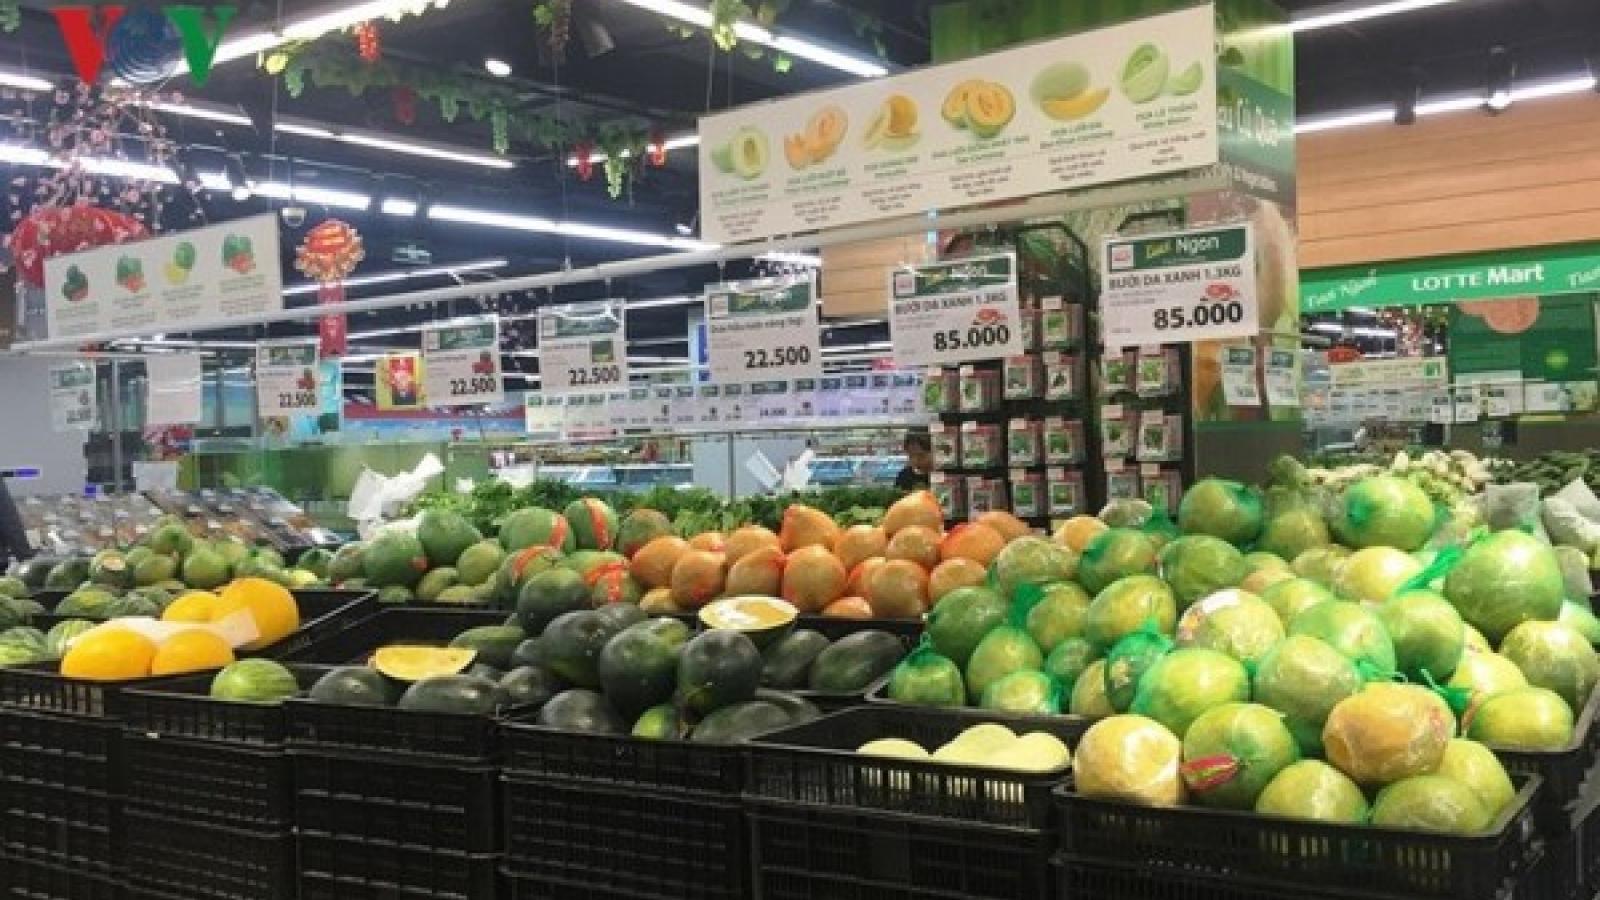 Tìm kiếm cơ hội xuất nhập khẩu trái cây giữa Indonesia và Việt Nam